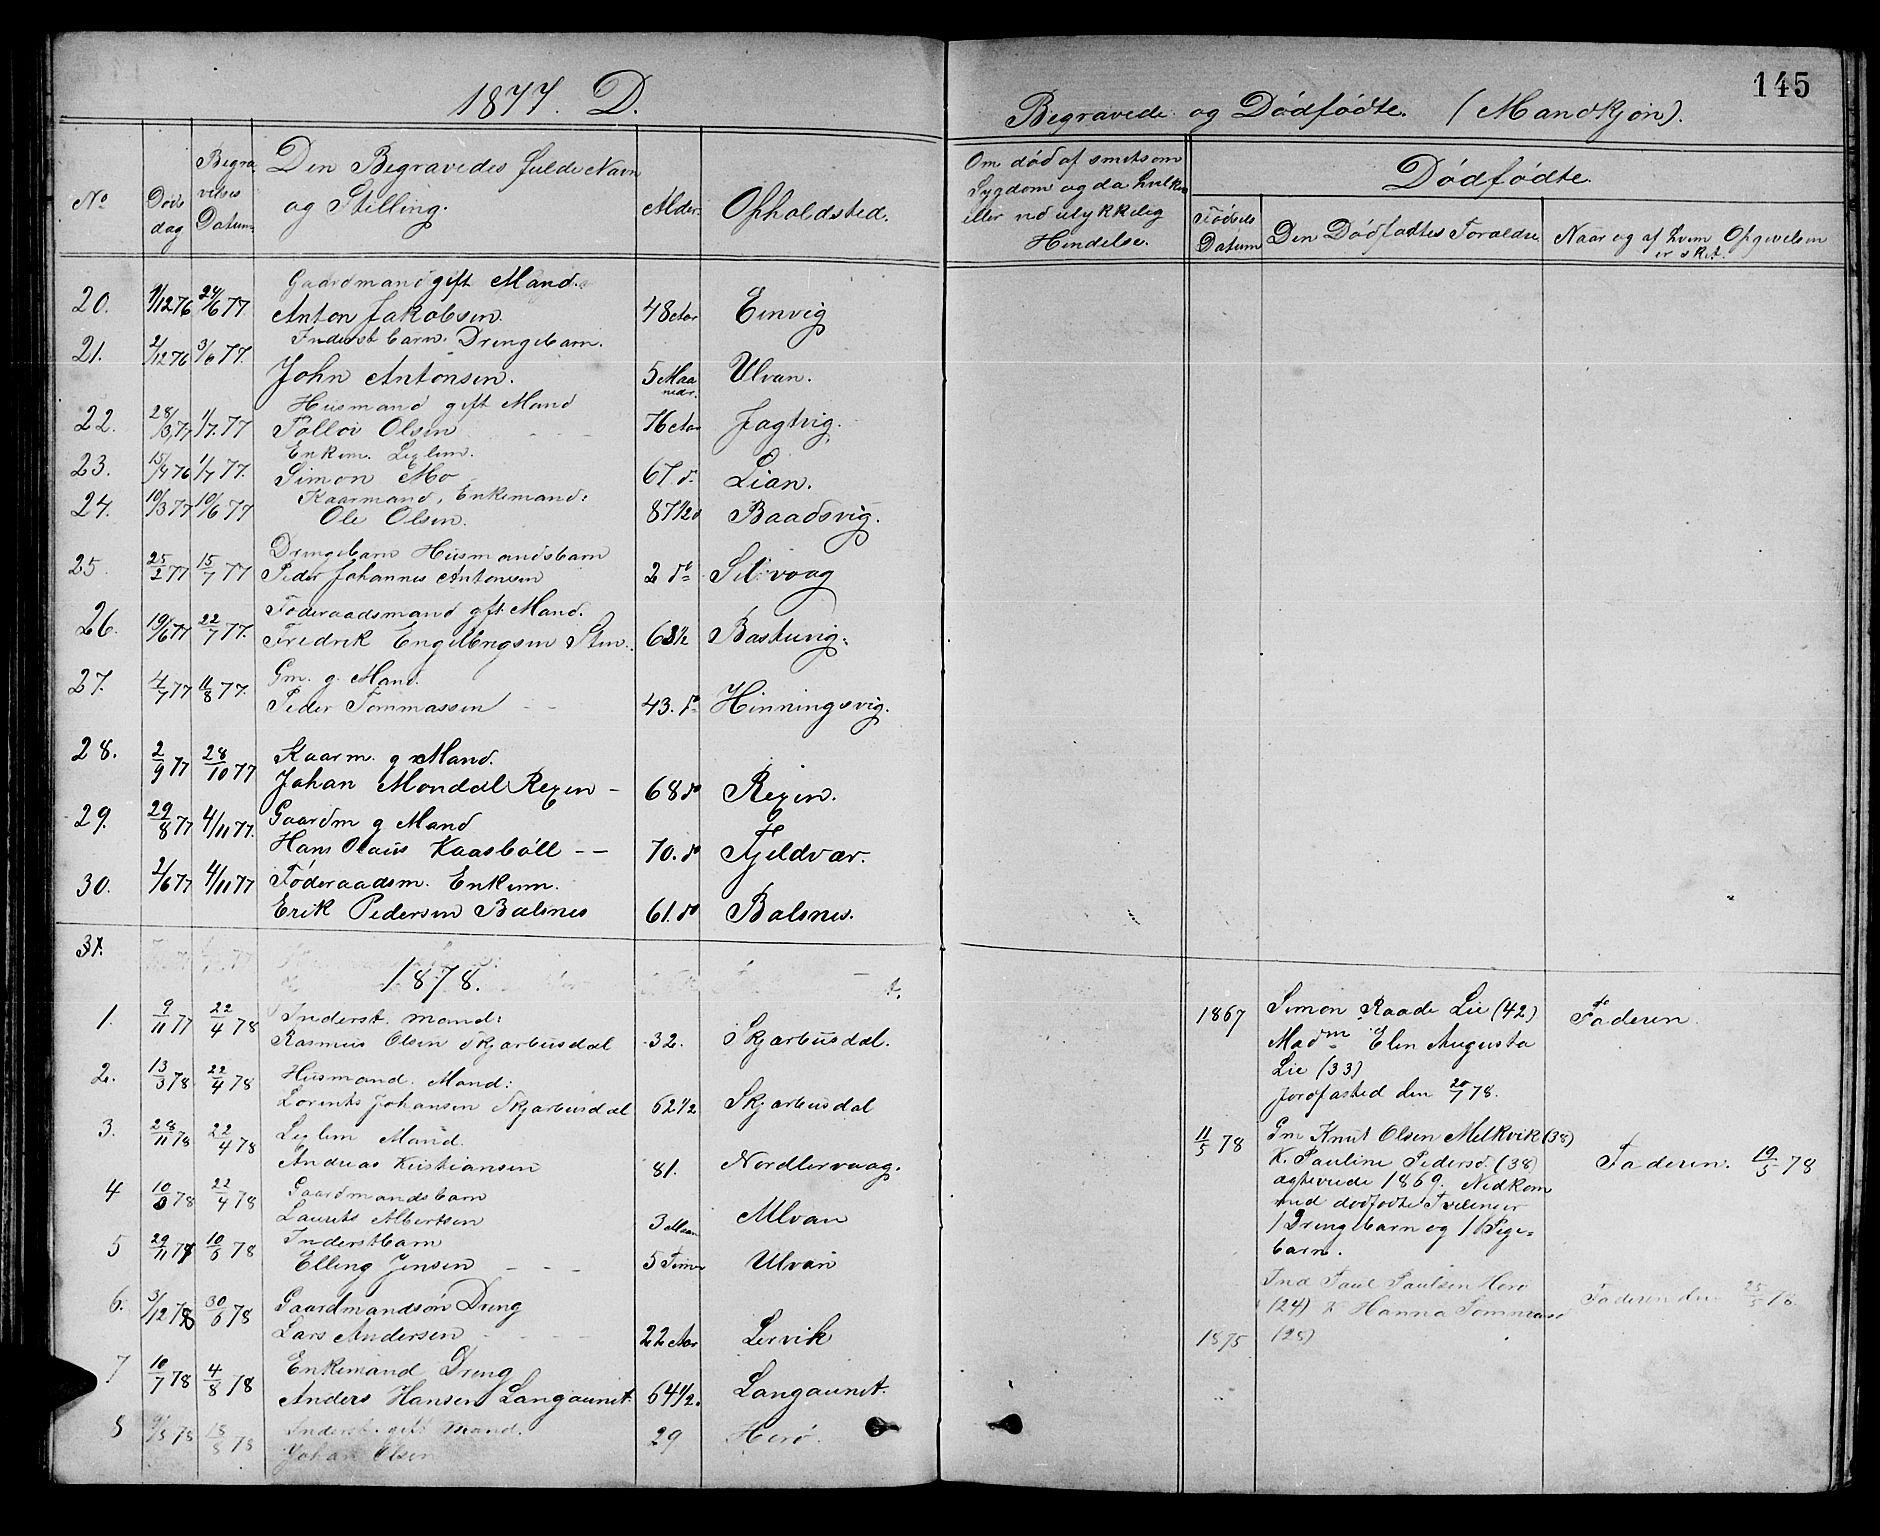 SAT, Ministerialprotokoller, klokkerbøker og fødselsregistre - Sør-Trøndelag, 637/L0561: Klokkerbok nr. 637C02, 1873-1882, s. 145